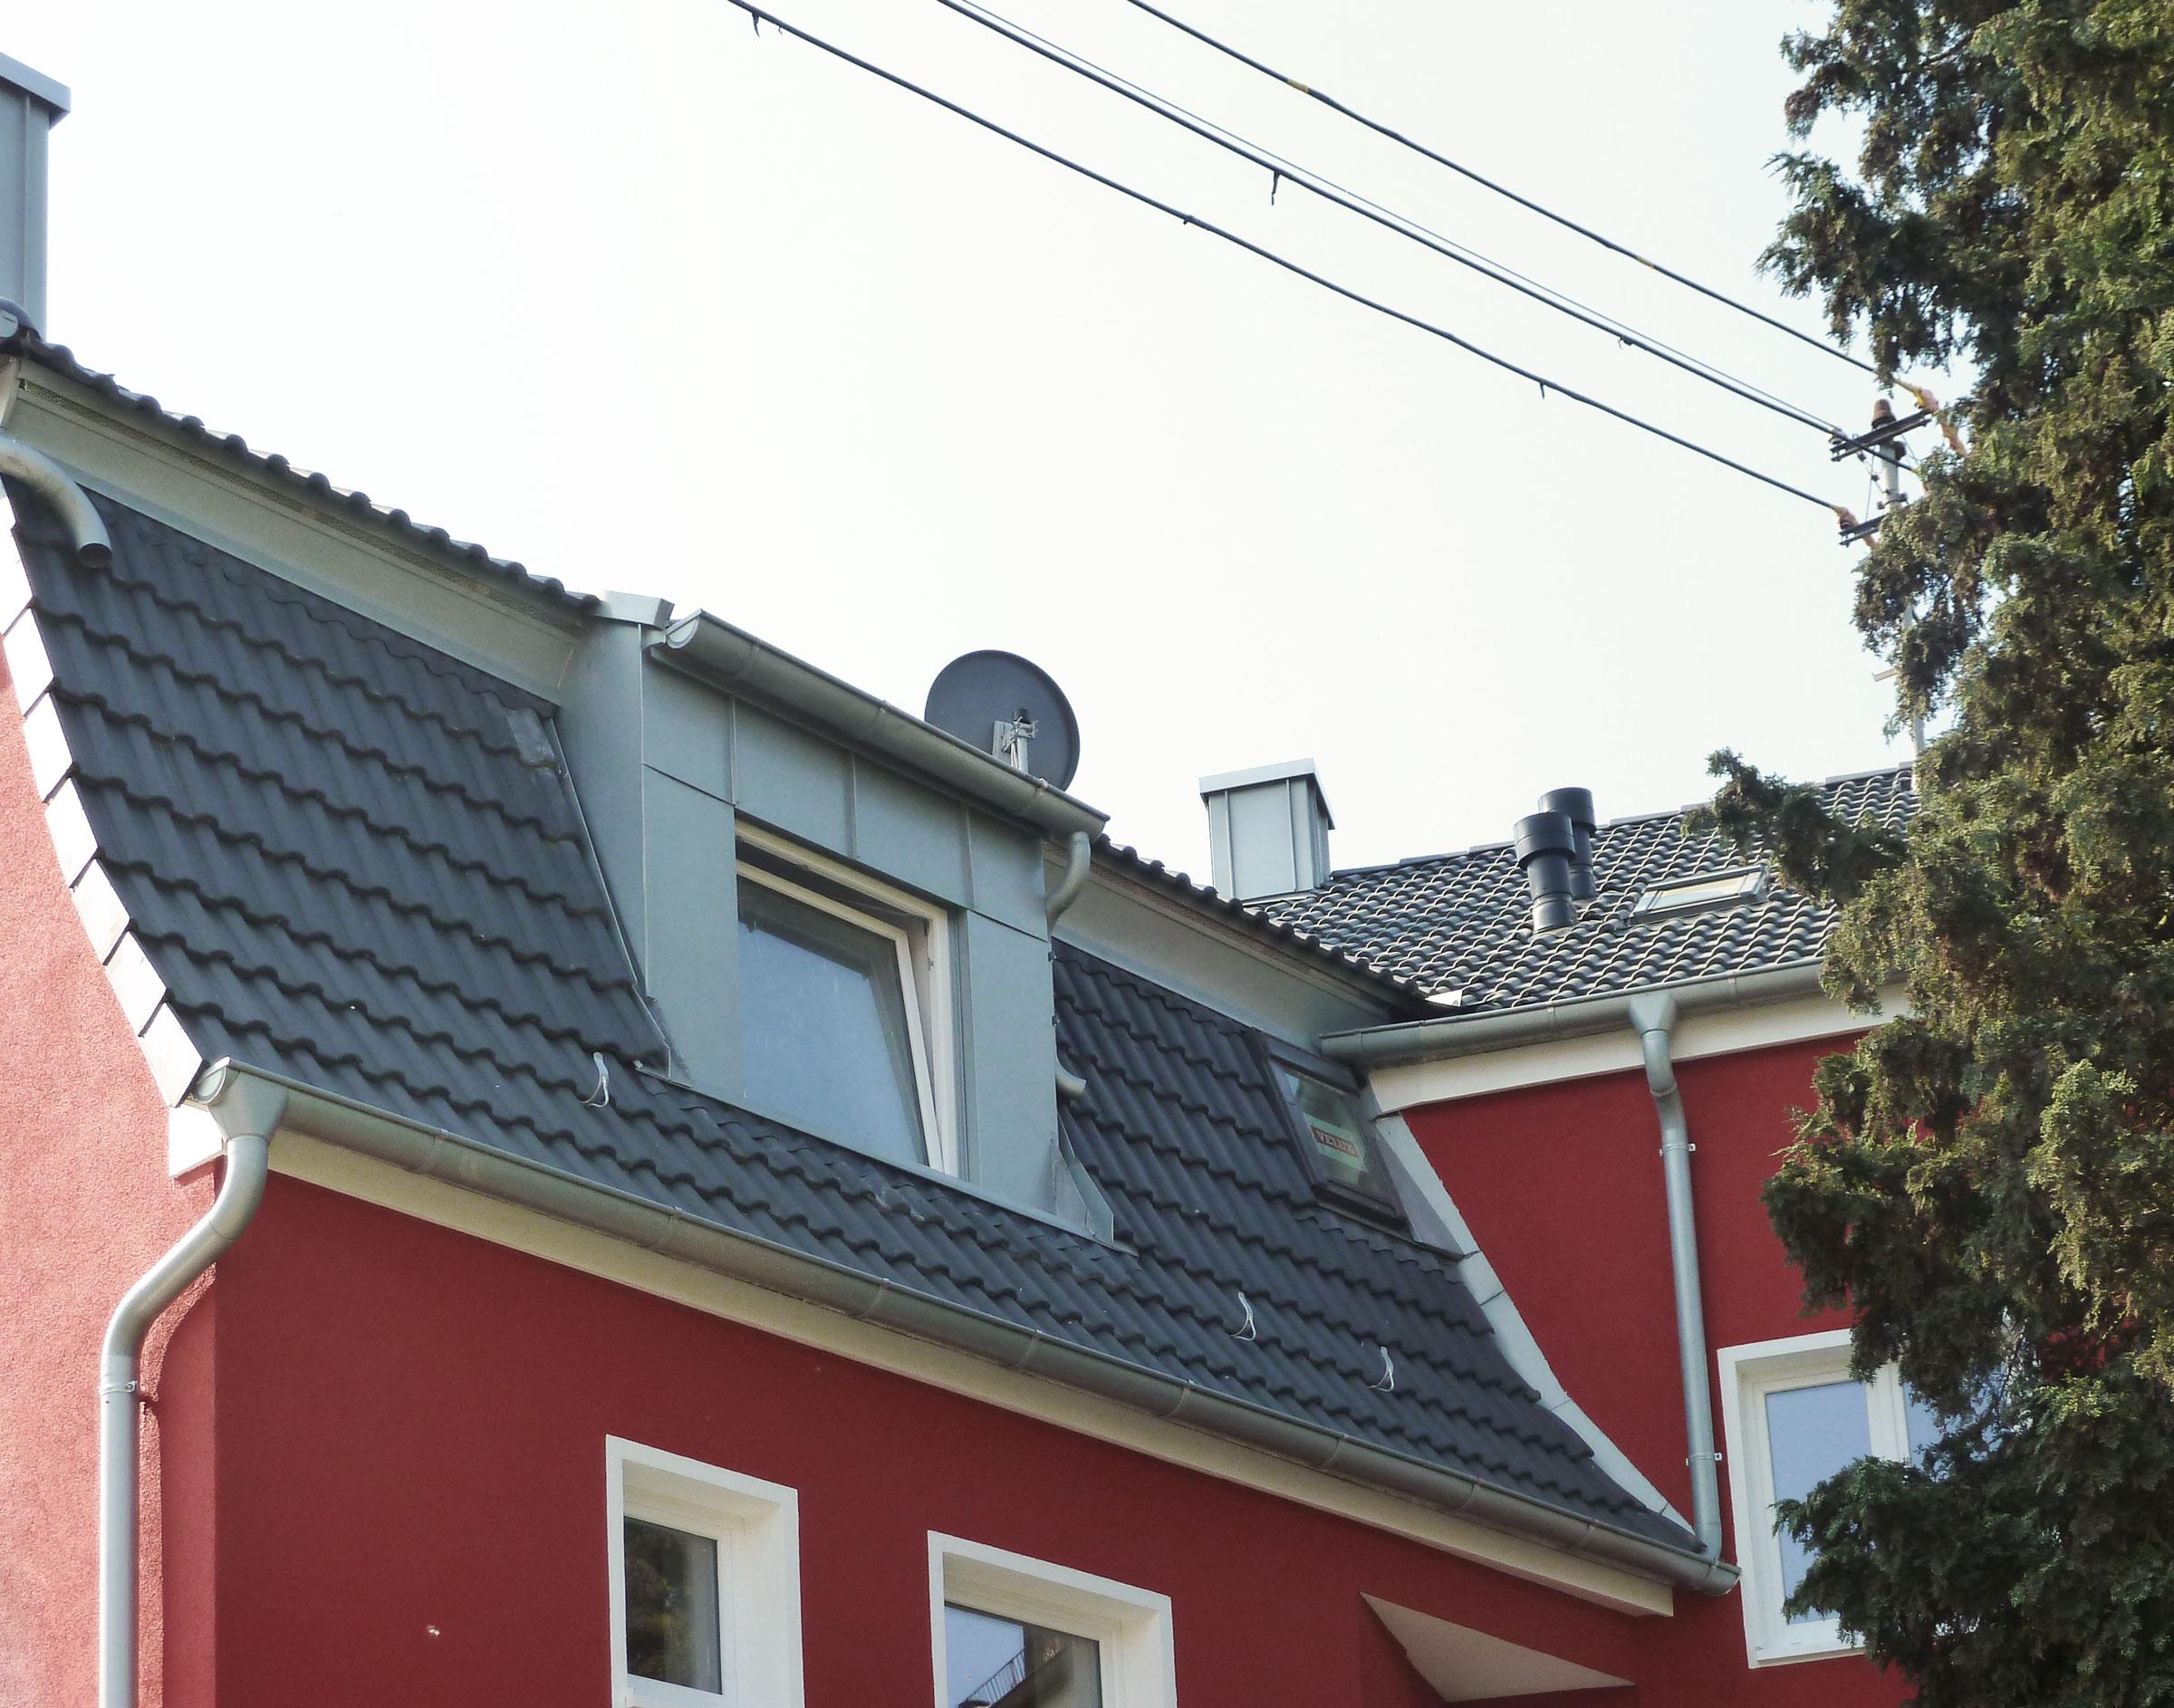 Dachdämmung 26 cm mit Luftdichtigkeitsprüfung